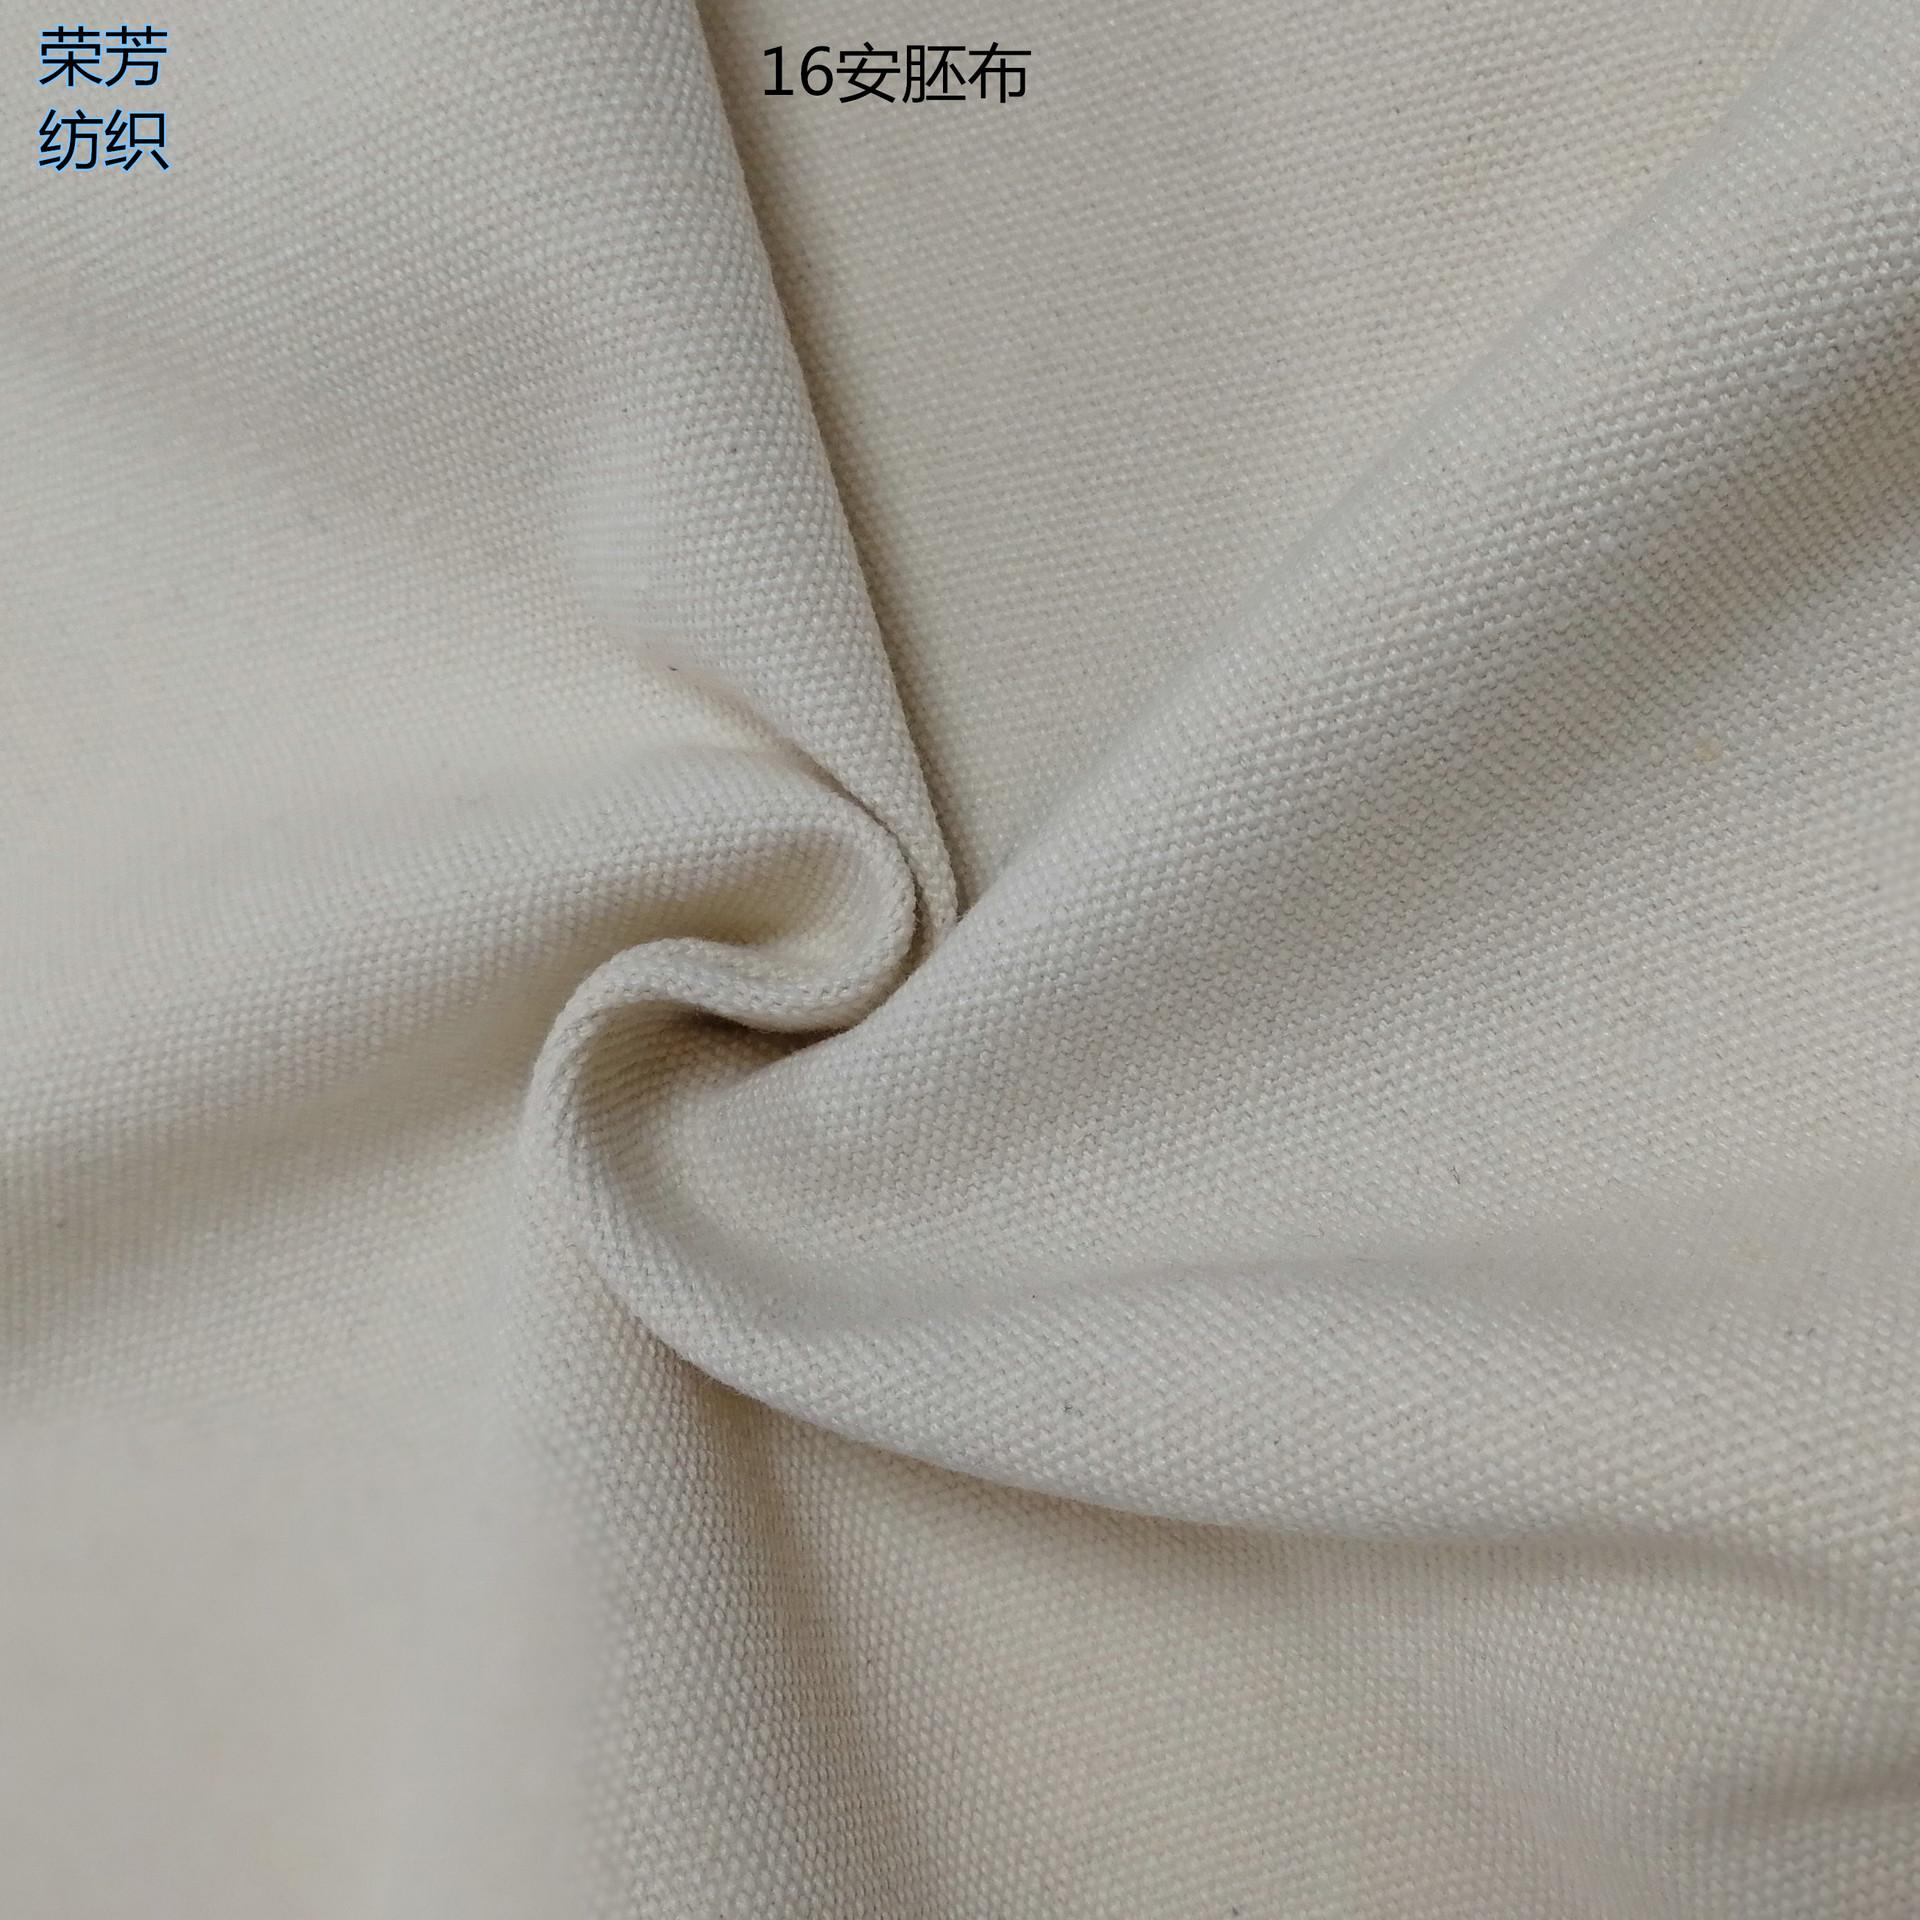 Vải Cotton mộc Vải màu xám vải 16A vải mầm vải vải túi xách túi vải để nhuộm và in